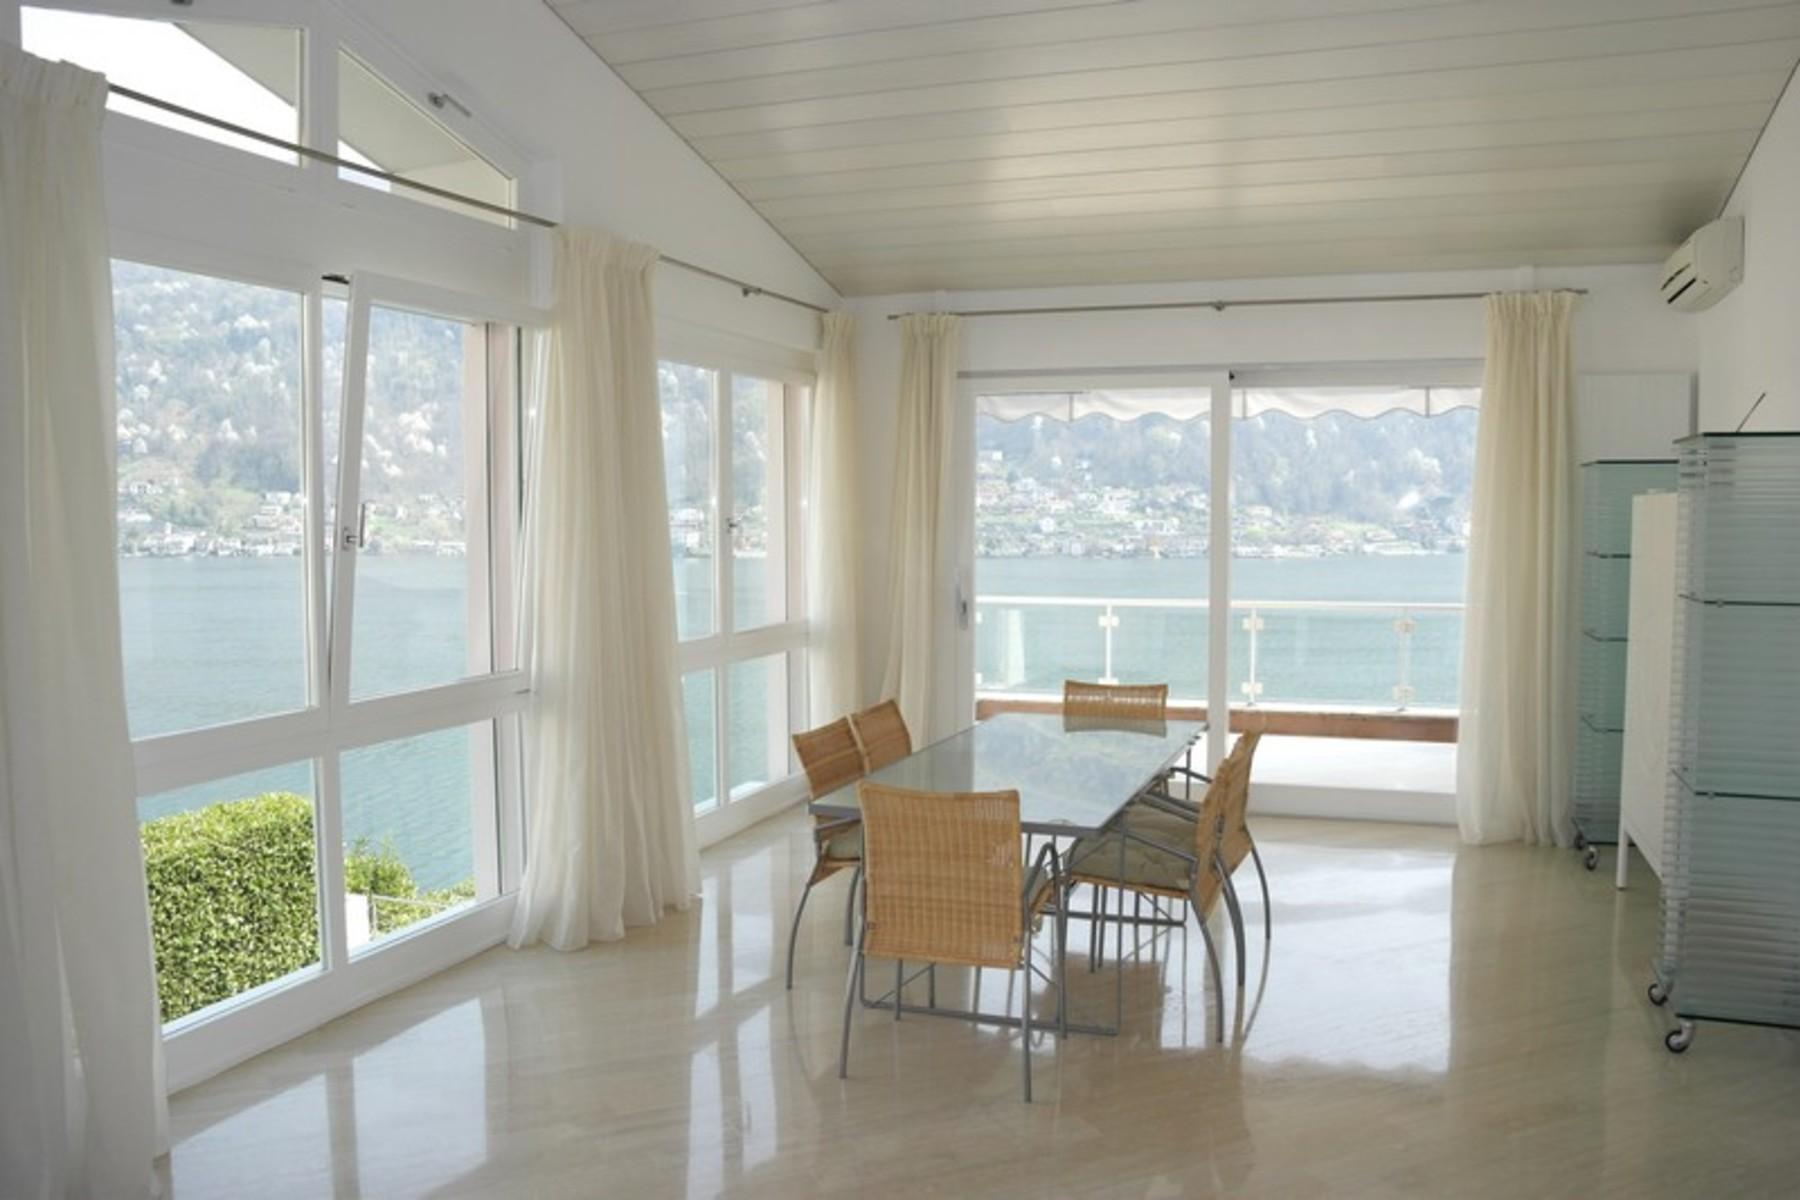 Apartment for Sale at Prestigious mini attic with separate dependance Morcote, Morcote, Ticino, 6922 Switzerland